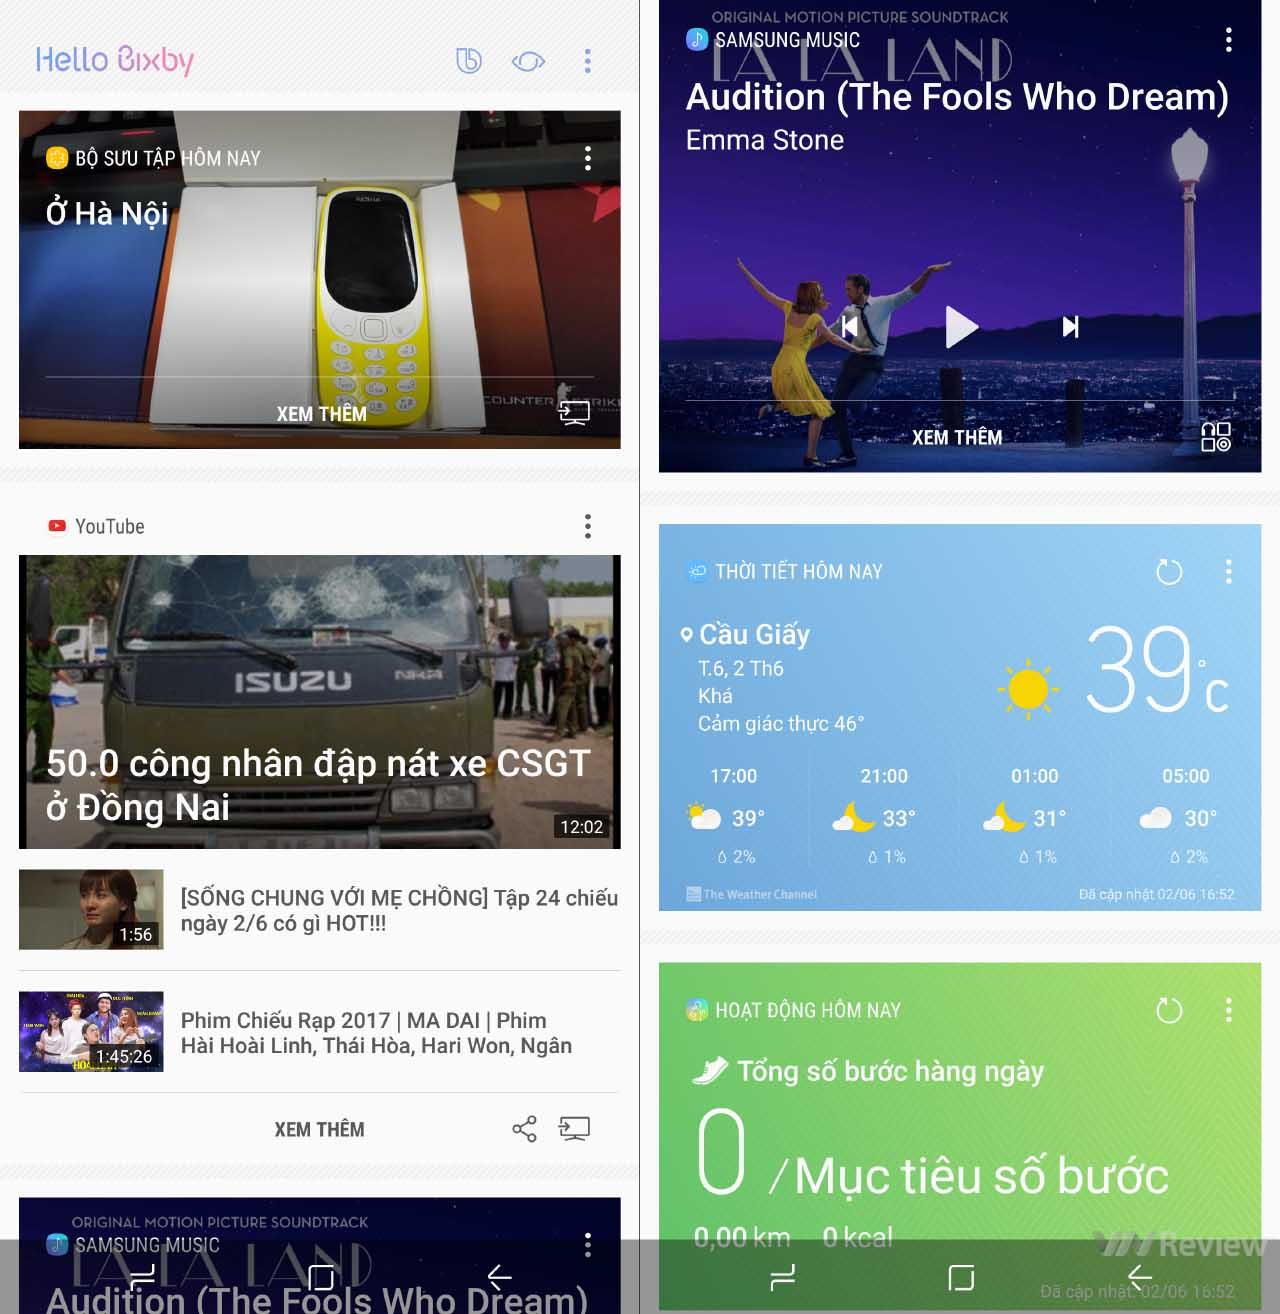 DOANH NHÂN Galaxy S8 và S8+ : về 20c giá nhập RẺ QUYẾN RŨ khách !!! - 41